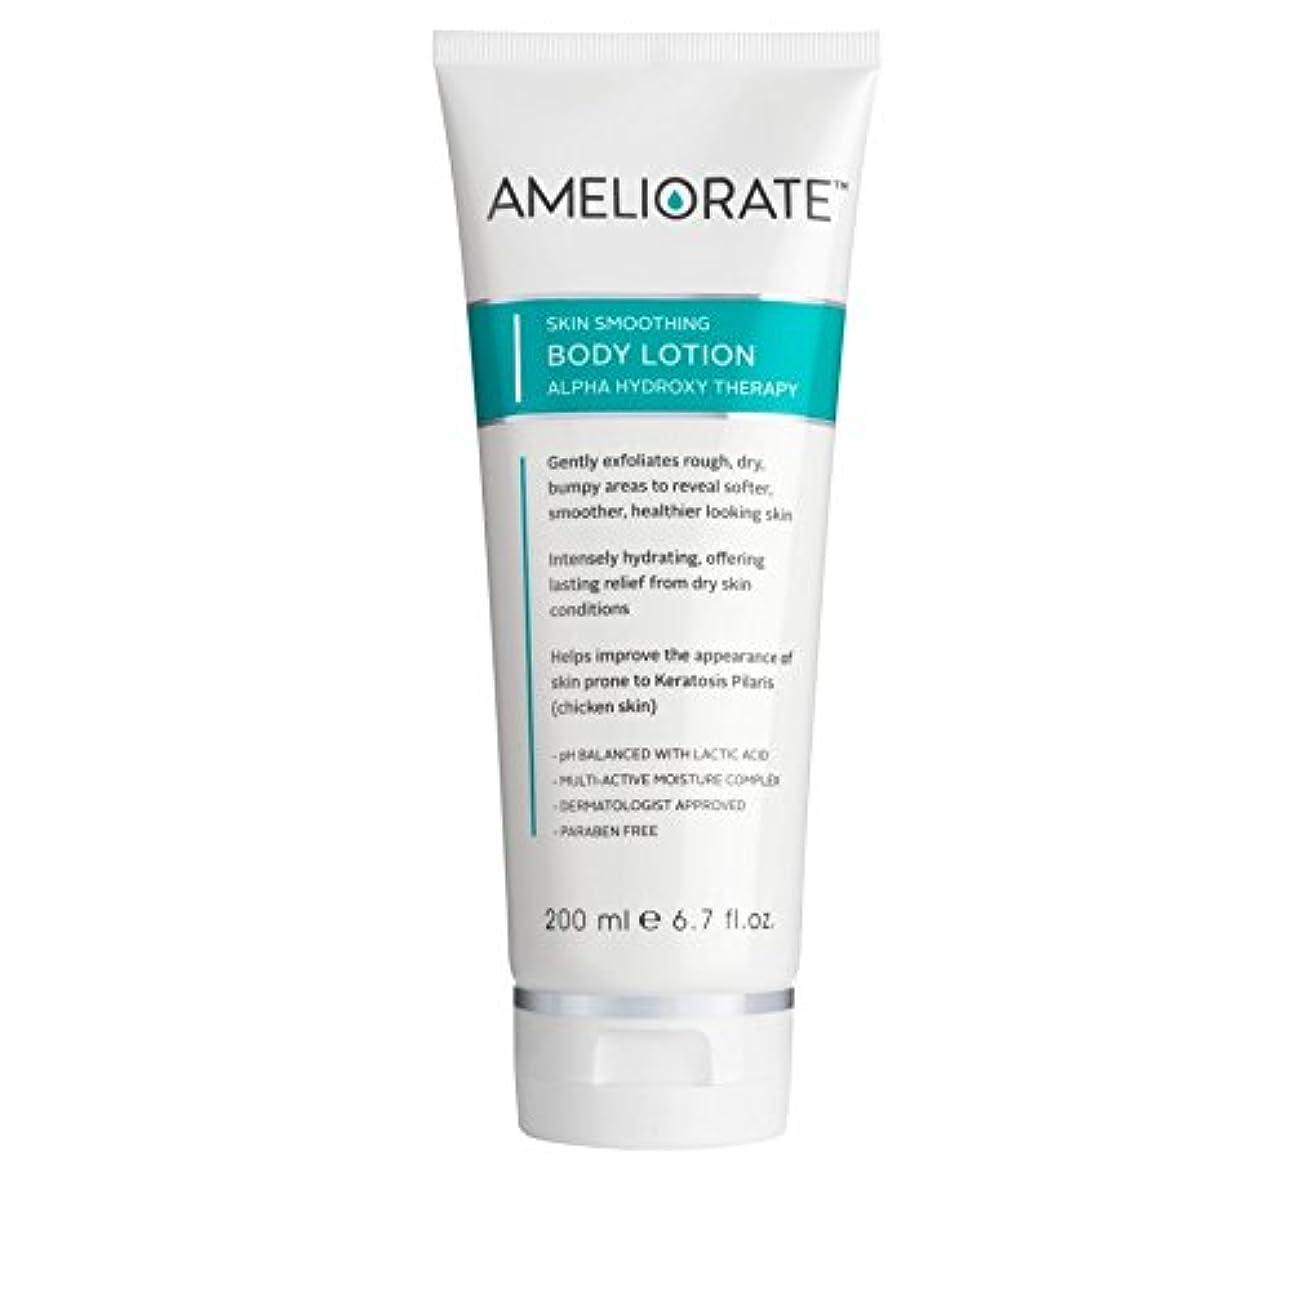 学者パウダー段階Ameliorate Skin Smoothing Body Lotion 200ml - ボディローション200ミリリットルを滑らかに肌を改善 [並行輸入品]